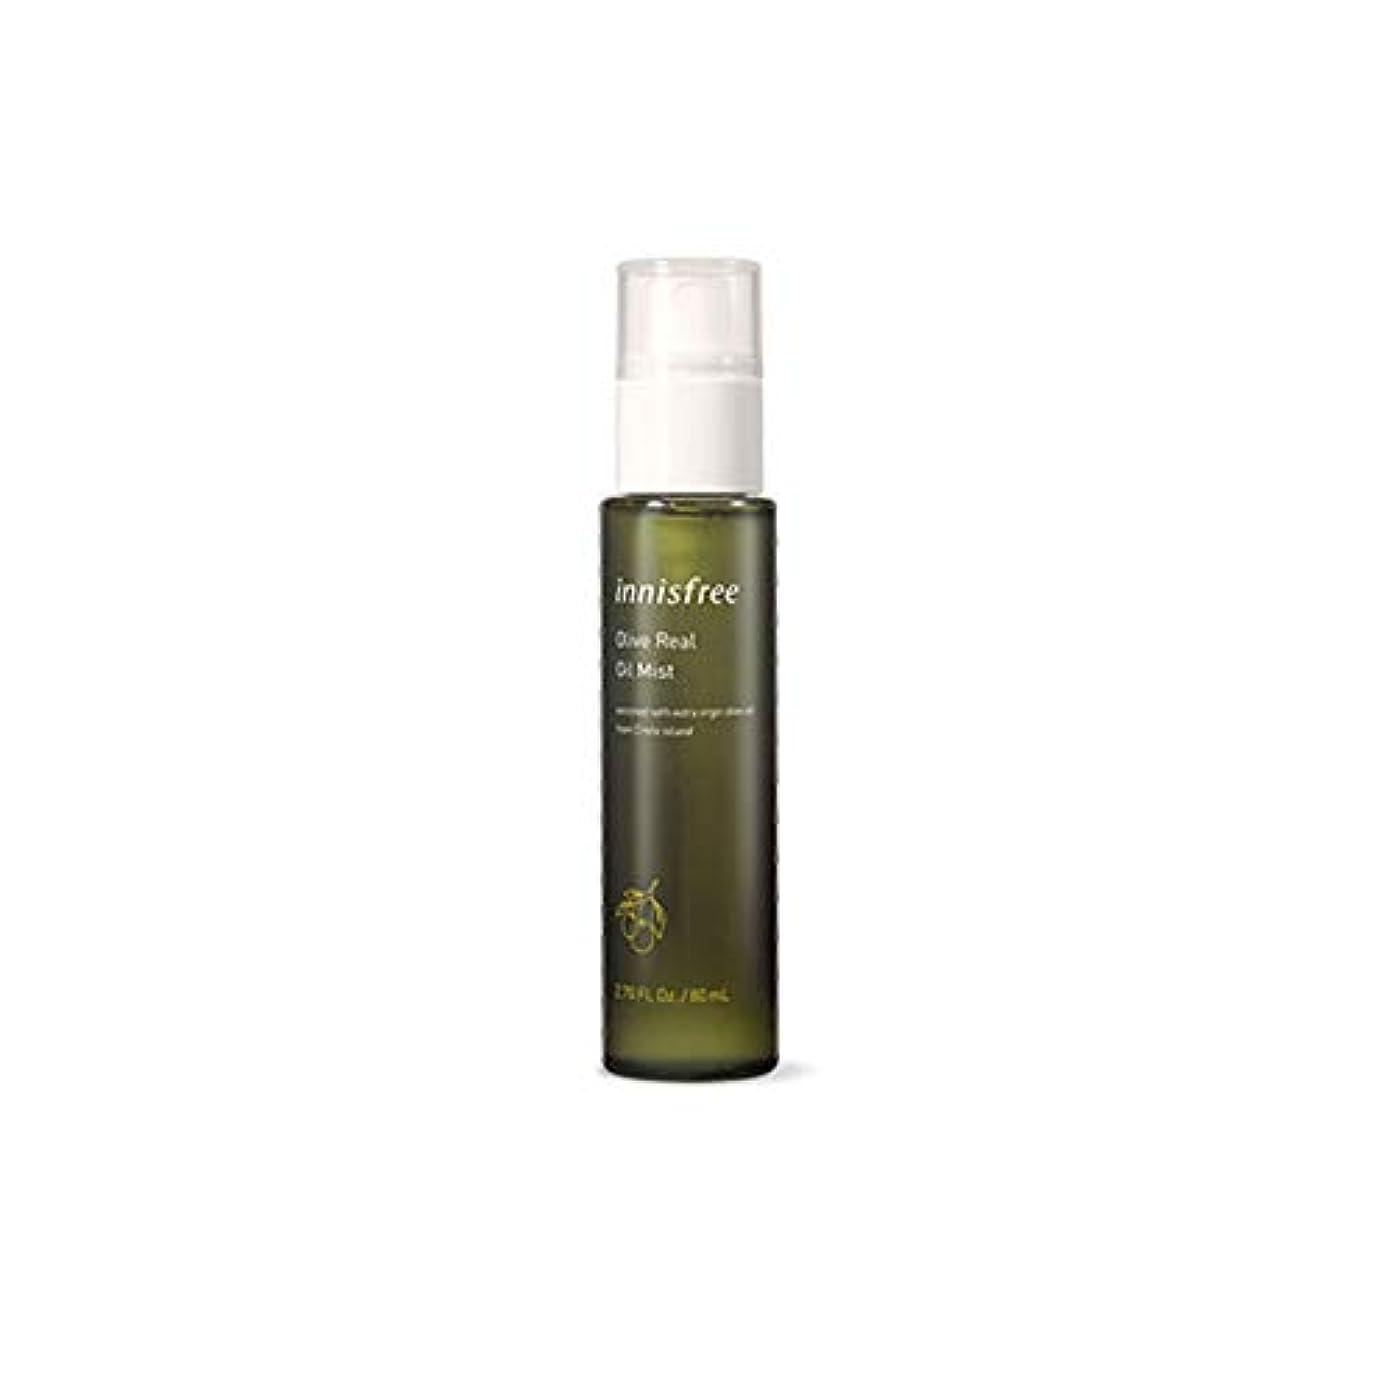 密輸お尻箱NEW[イニスフリー] Innisfree オリーブ リアル オイル ミスト EX(80ml) Innisfree Olive Real Oil Mist EX(80ml) [海外直送品]